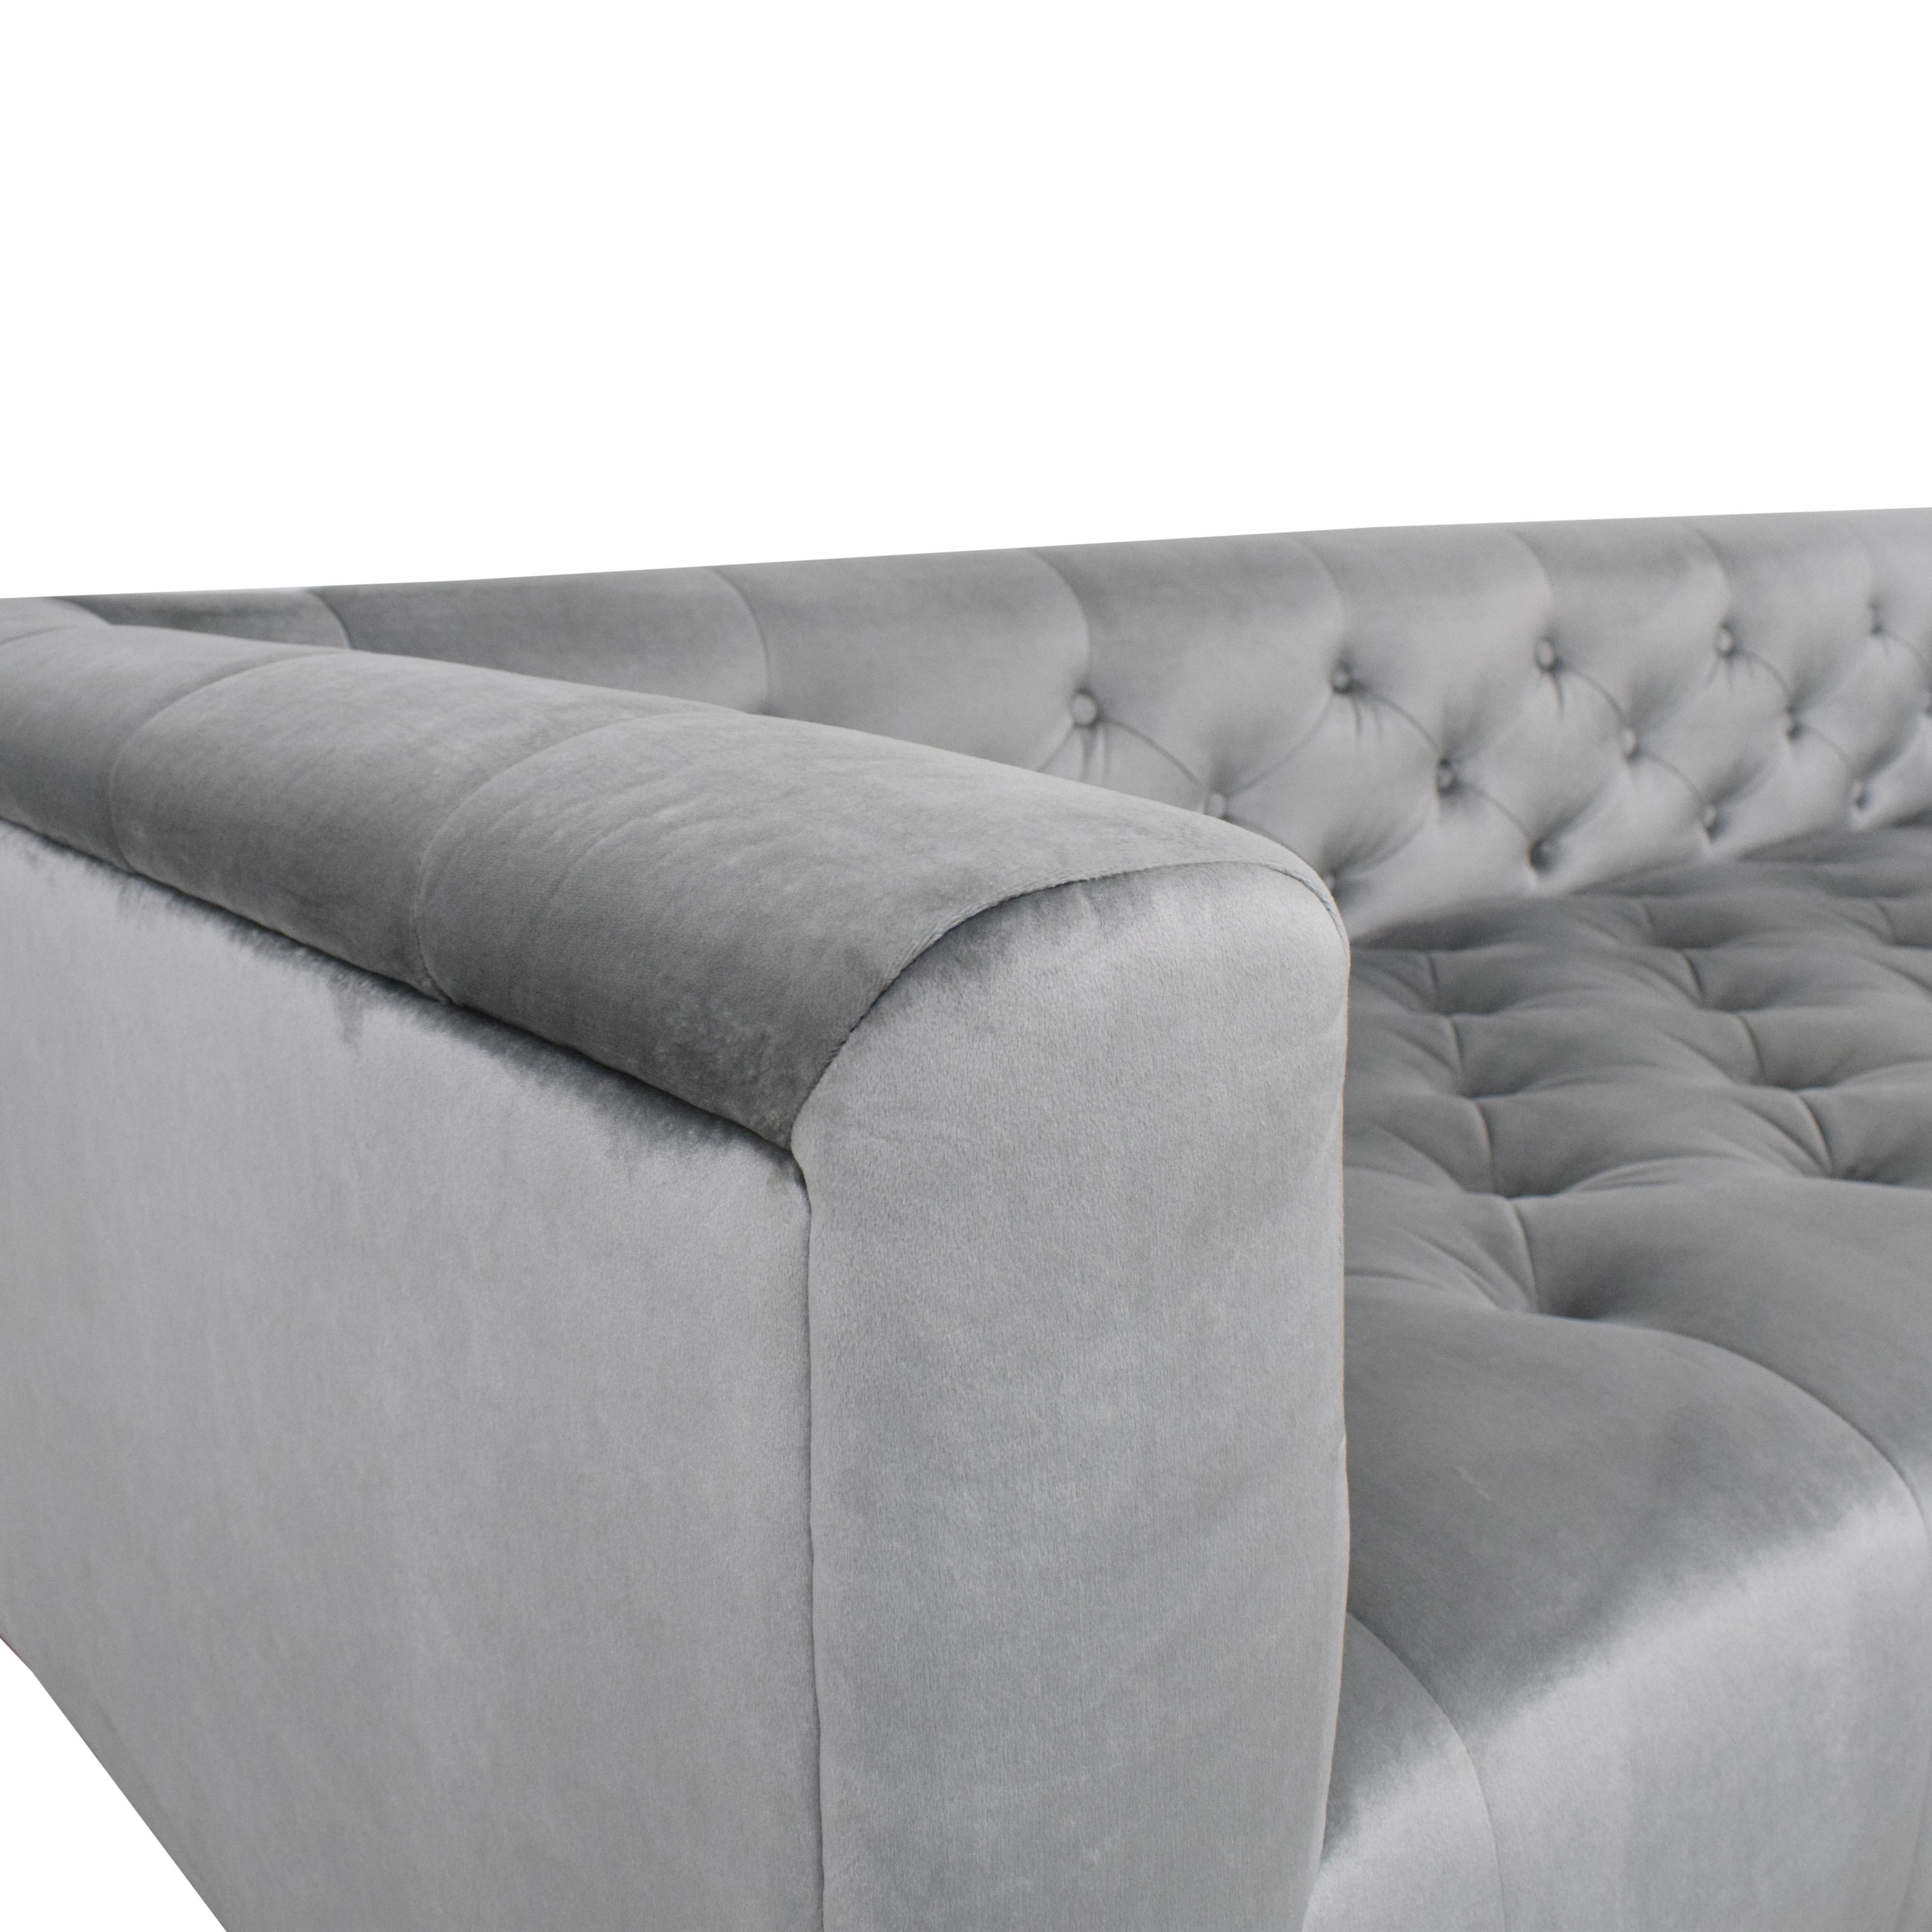 Interior Define Interior Define Ms. Chesterfield Sofa pa